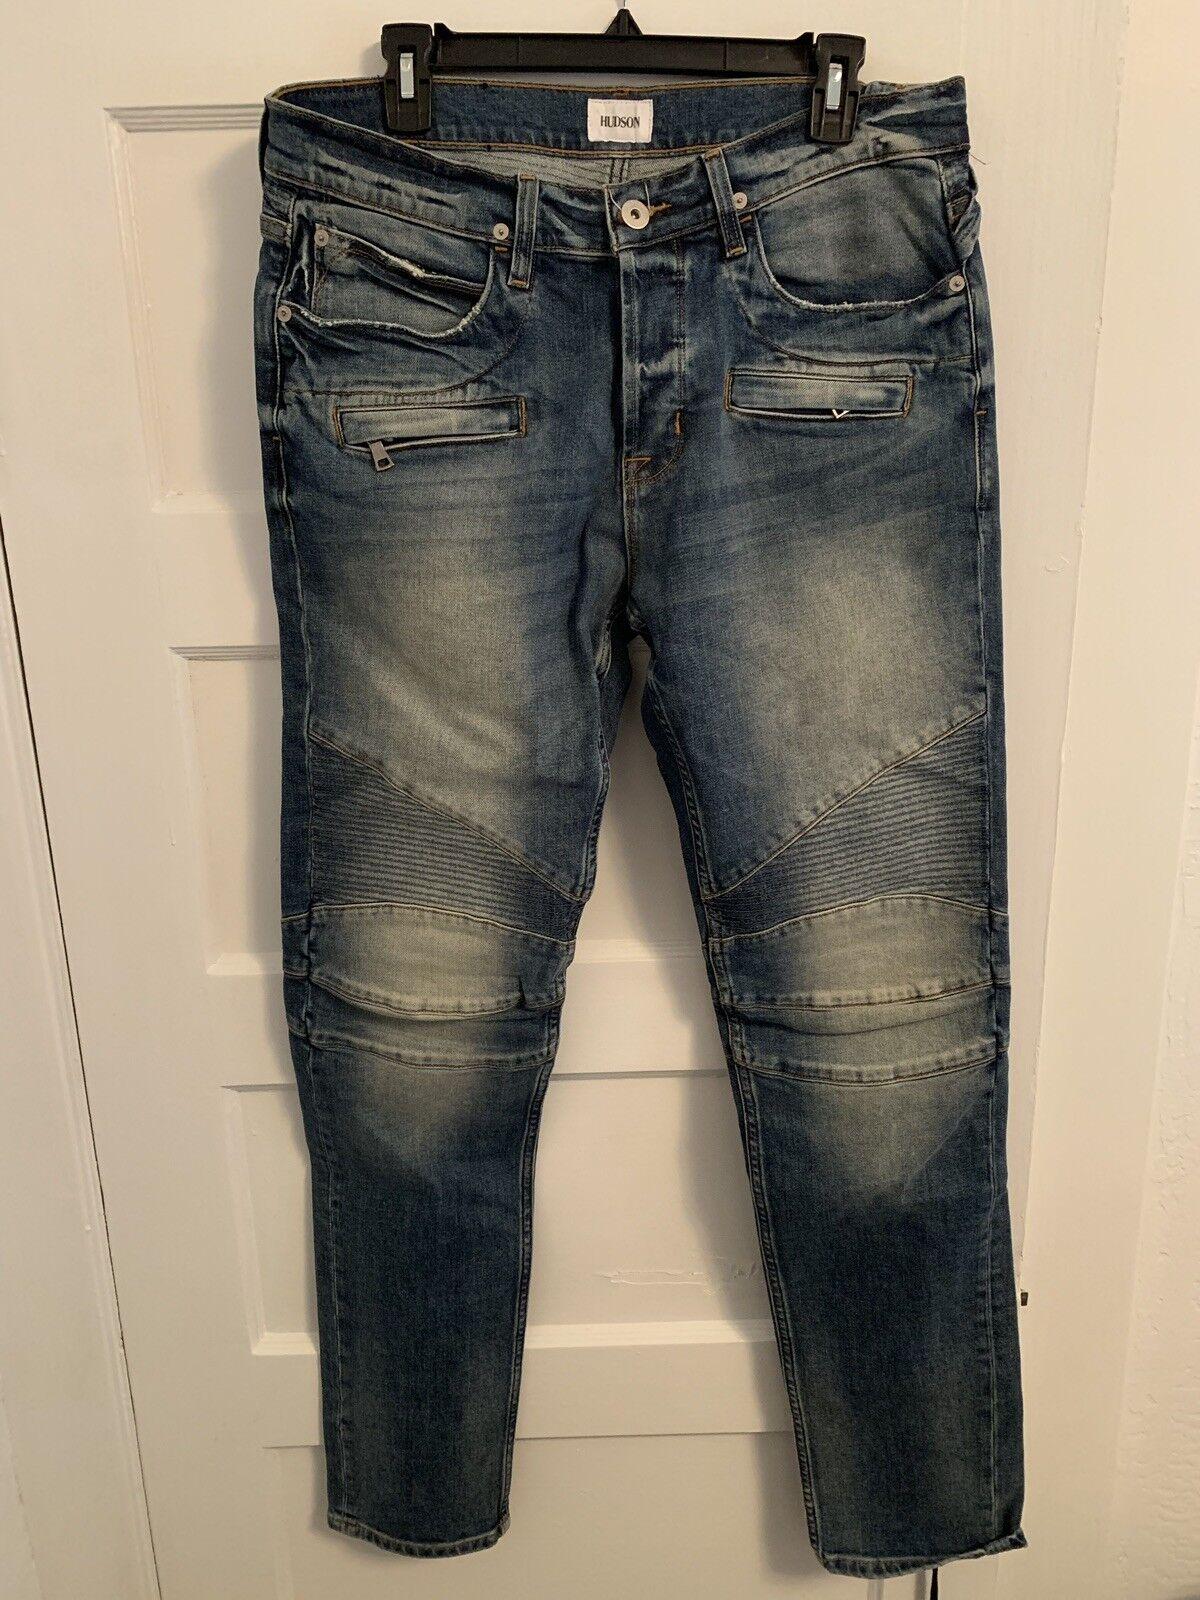 Hudson Jeans Mens The Blinder Biker Jean